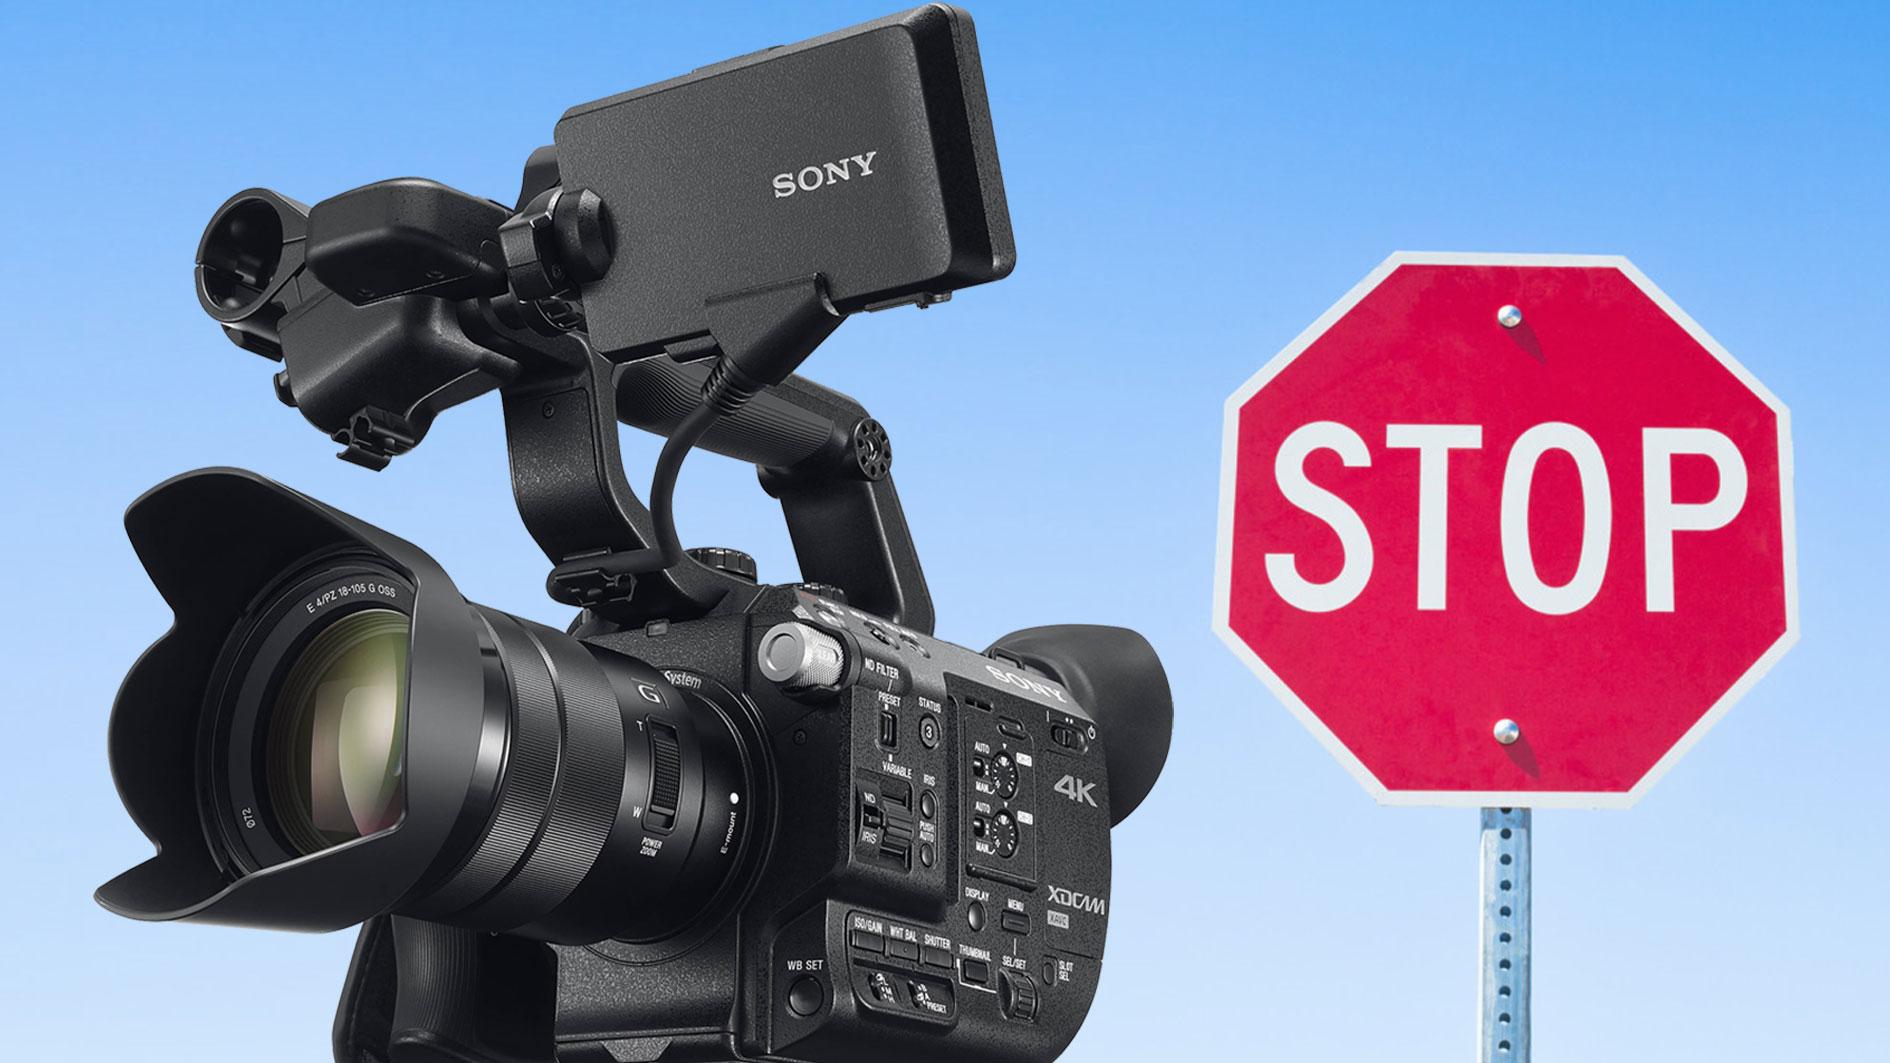 ソニーがFS5のファームウエア4.0を一時配信中止